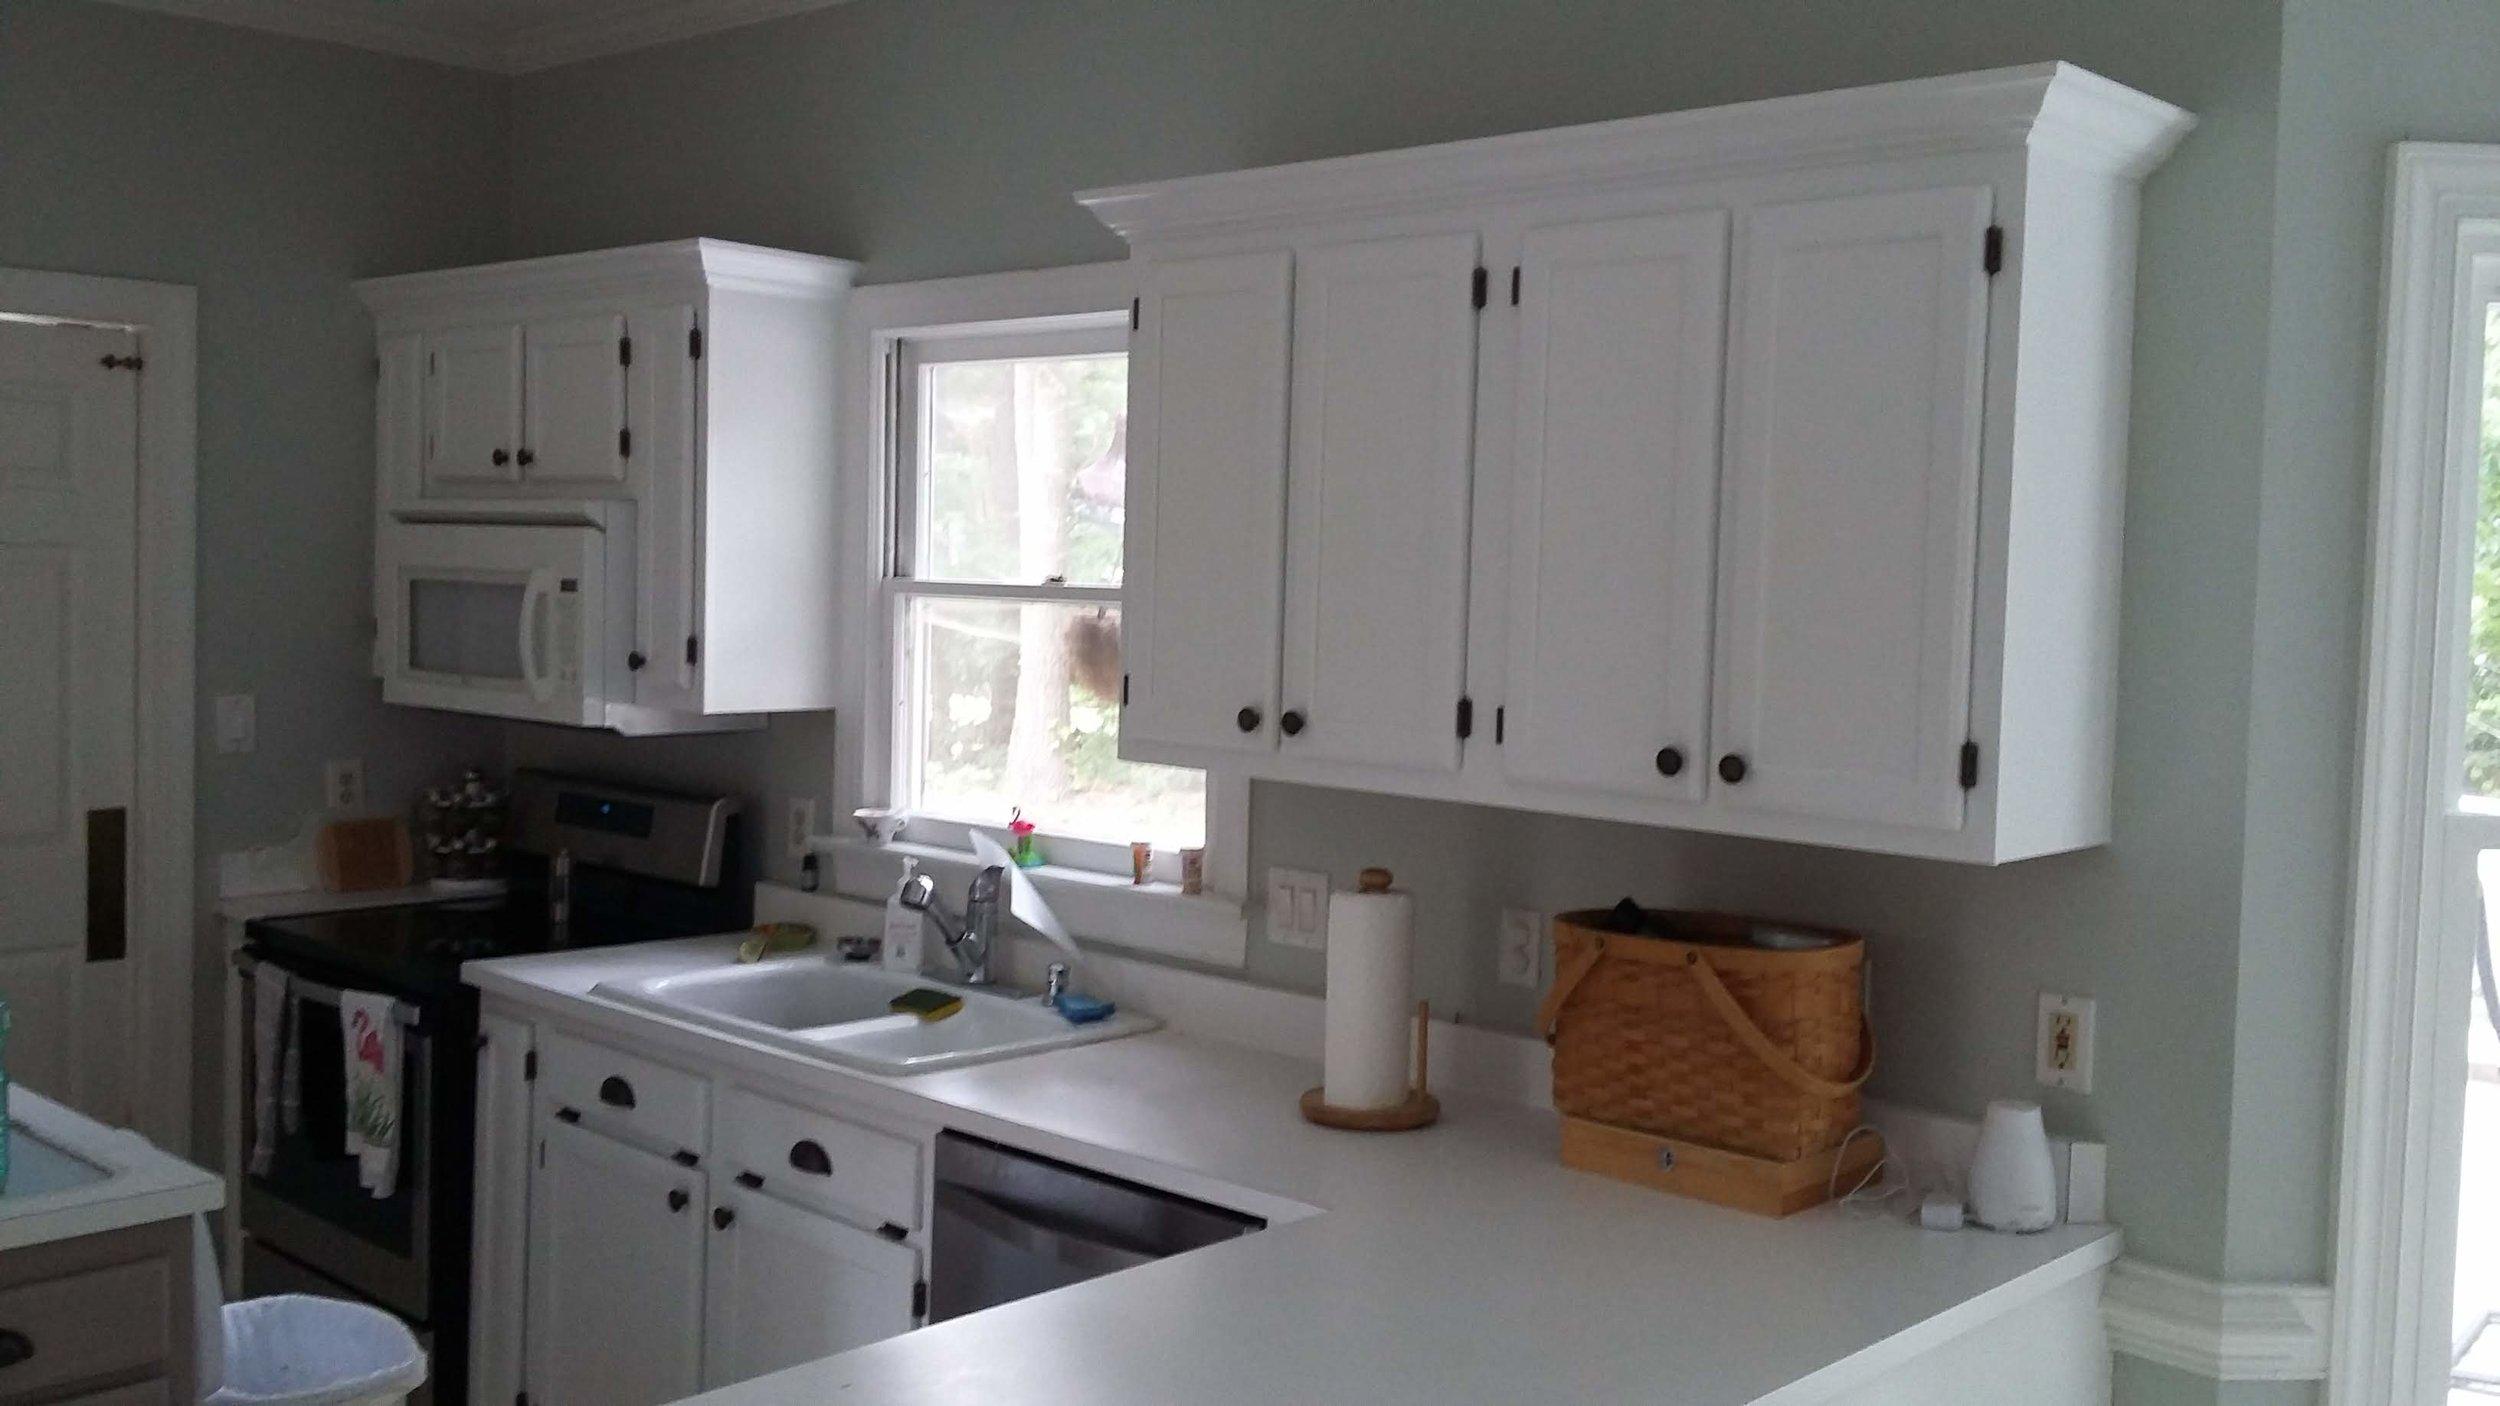 Elizabeth Burns Design | Raleigh Interior Designer - builder grade oak cabinets budget kitchen renovation, painting oak cabinets after